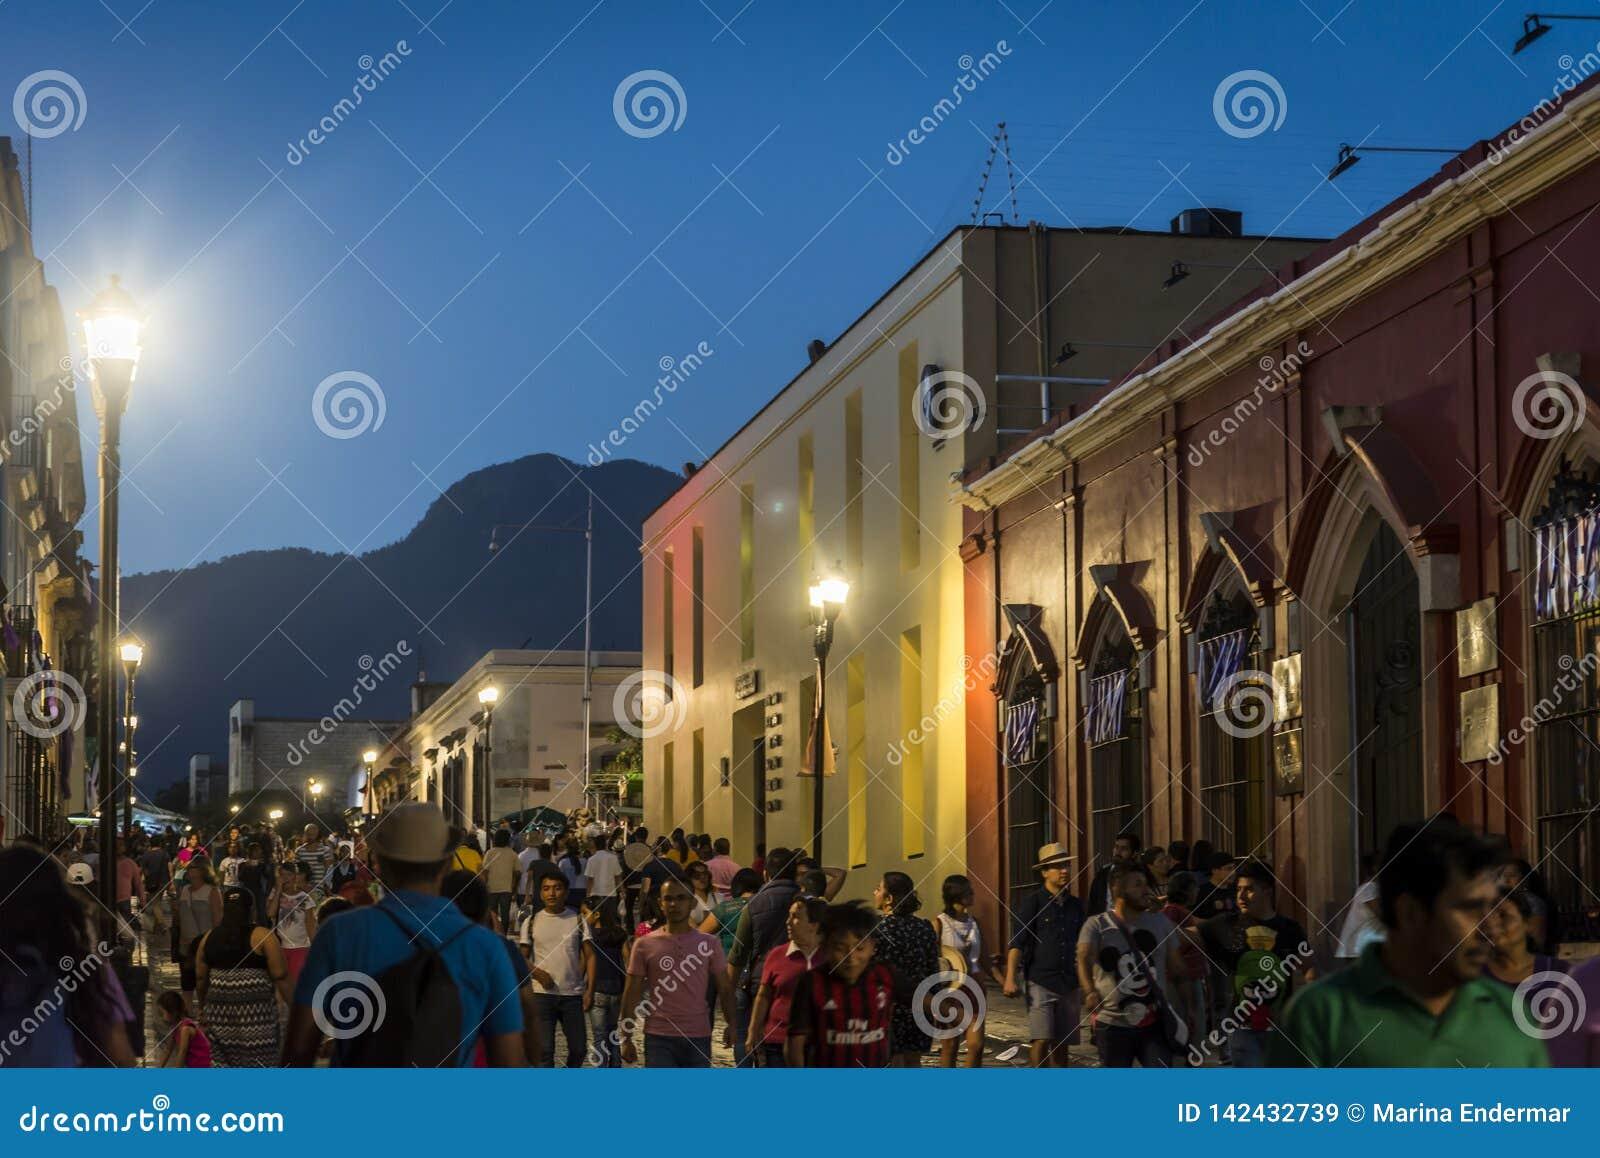 Dziejowy centrum miasta przy nocą, Oaxaca, Meksyk